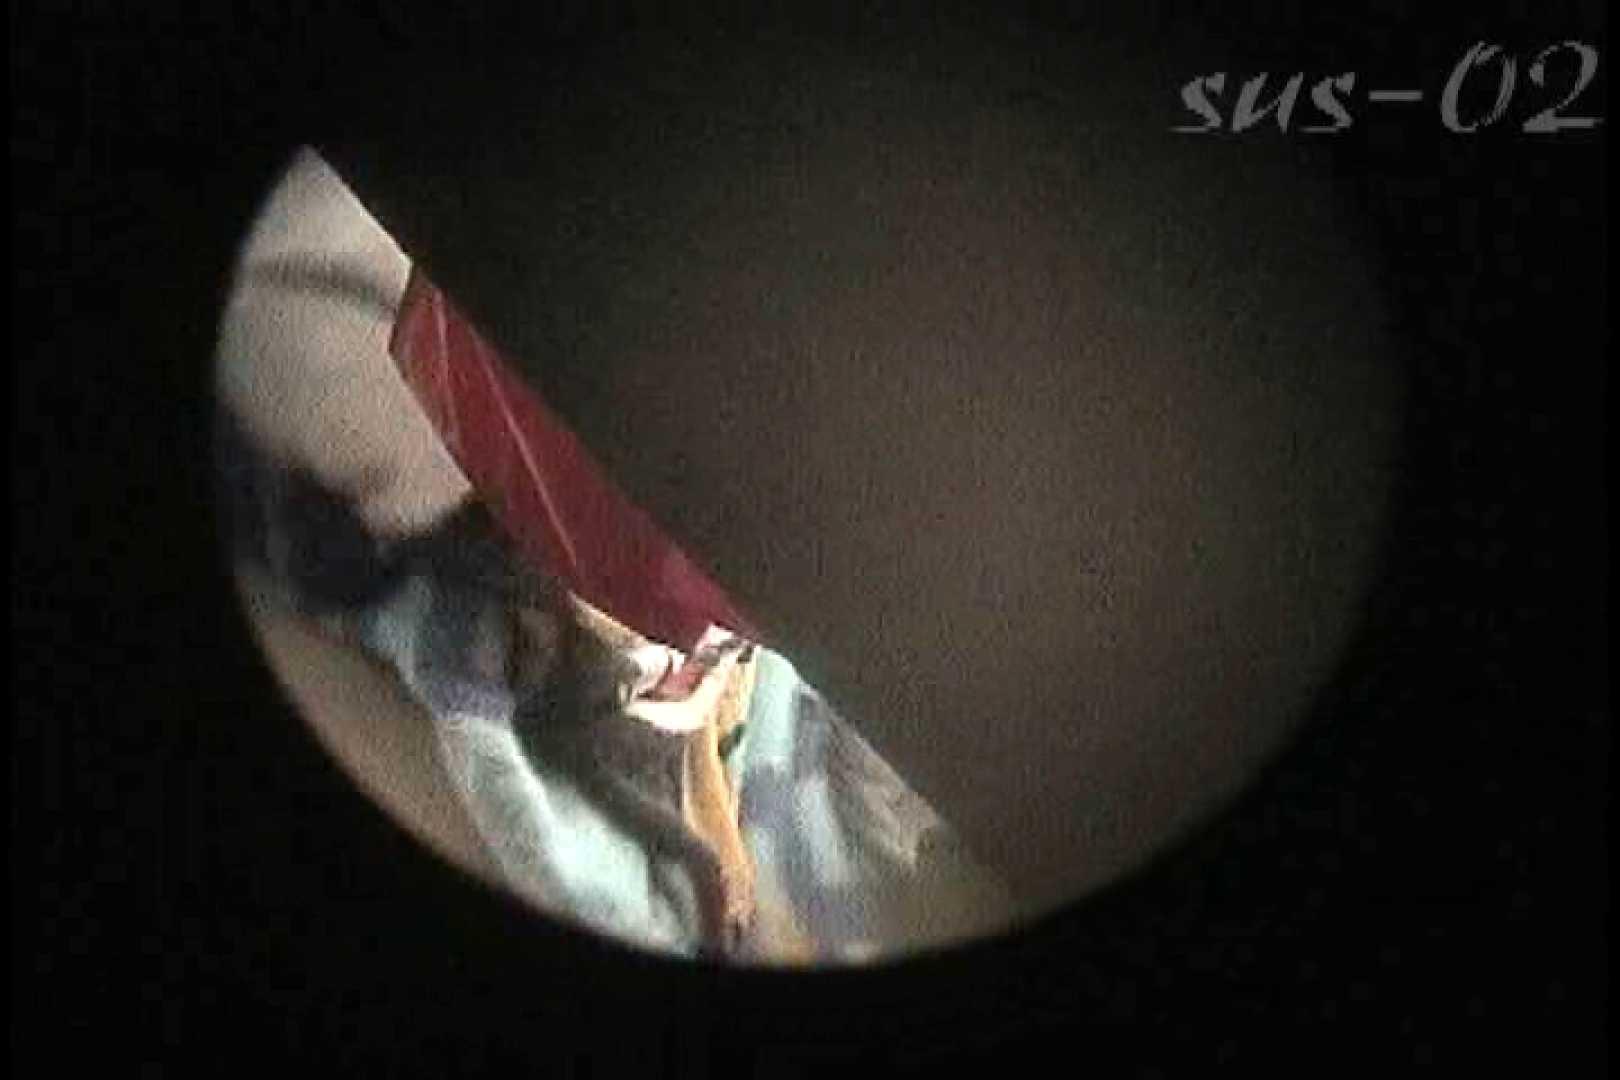 サターンさんのウル技炸裂!!夏乙女★海の家シャワー室絵巻 Vol.02 シャワー室  95枚 84